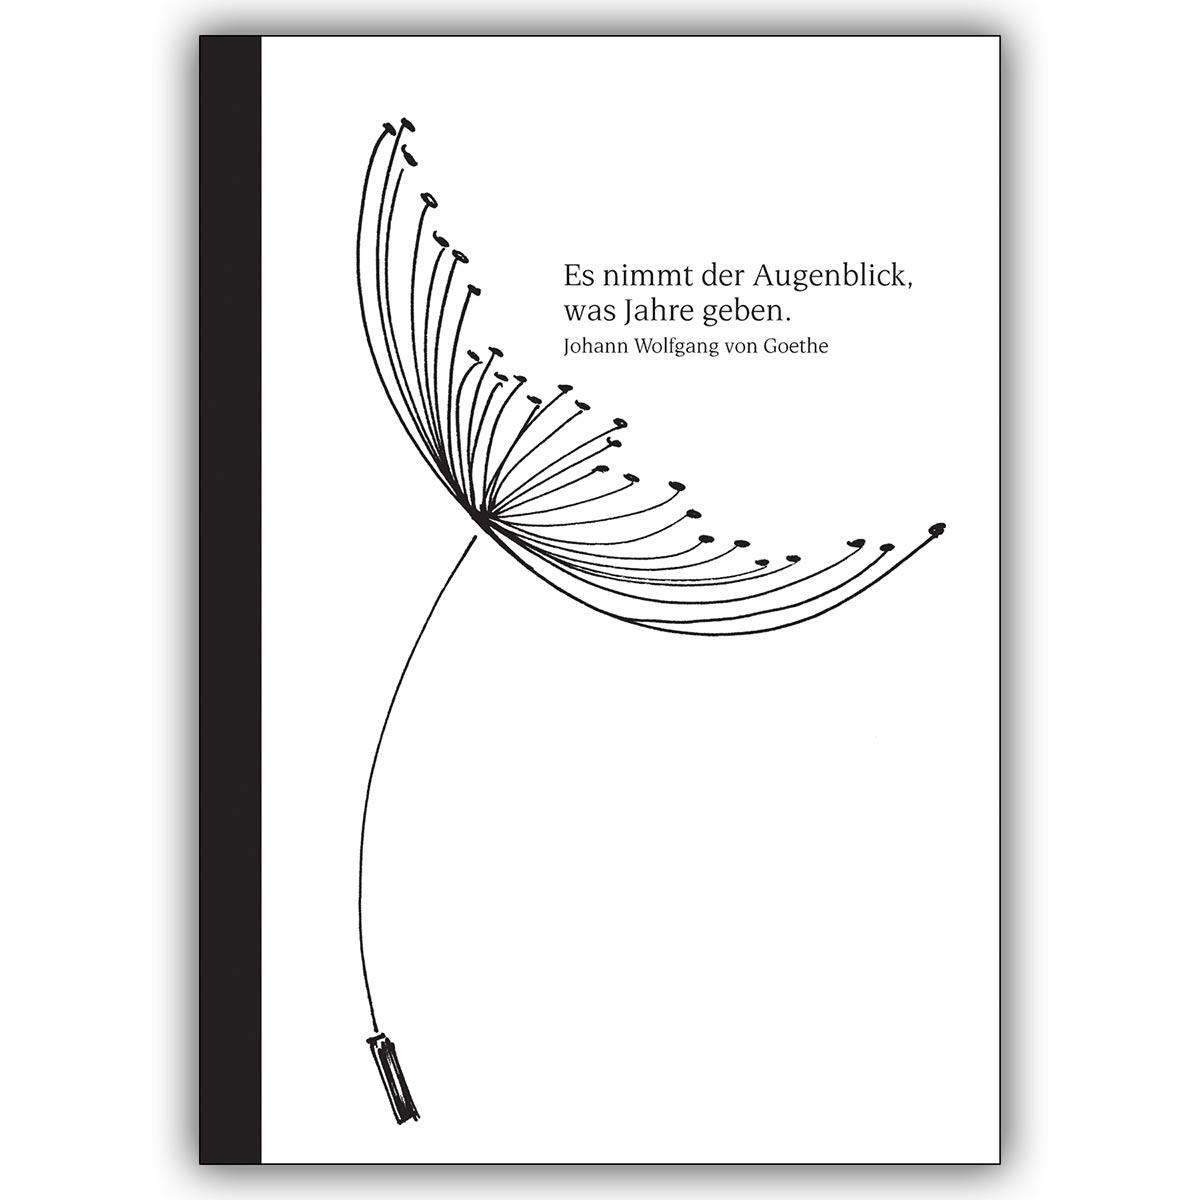 Edle Trauerkarte Mit Goethe Zitat Es Nimmt Der Augenblick